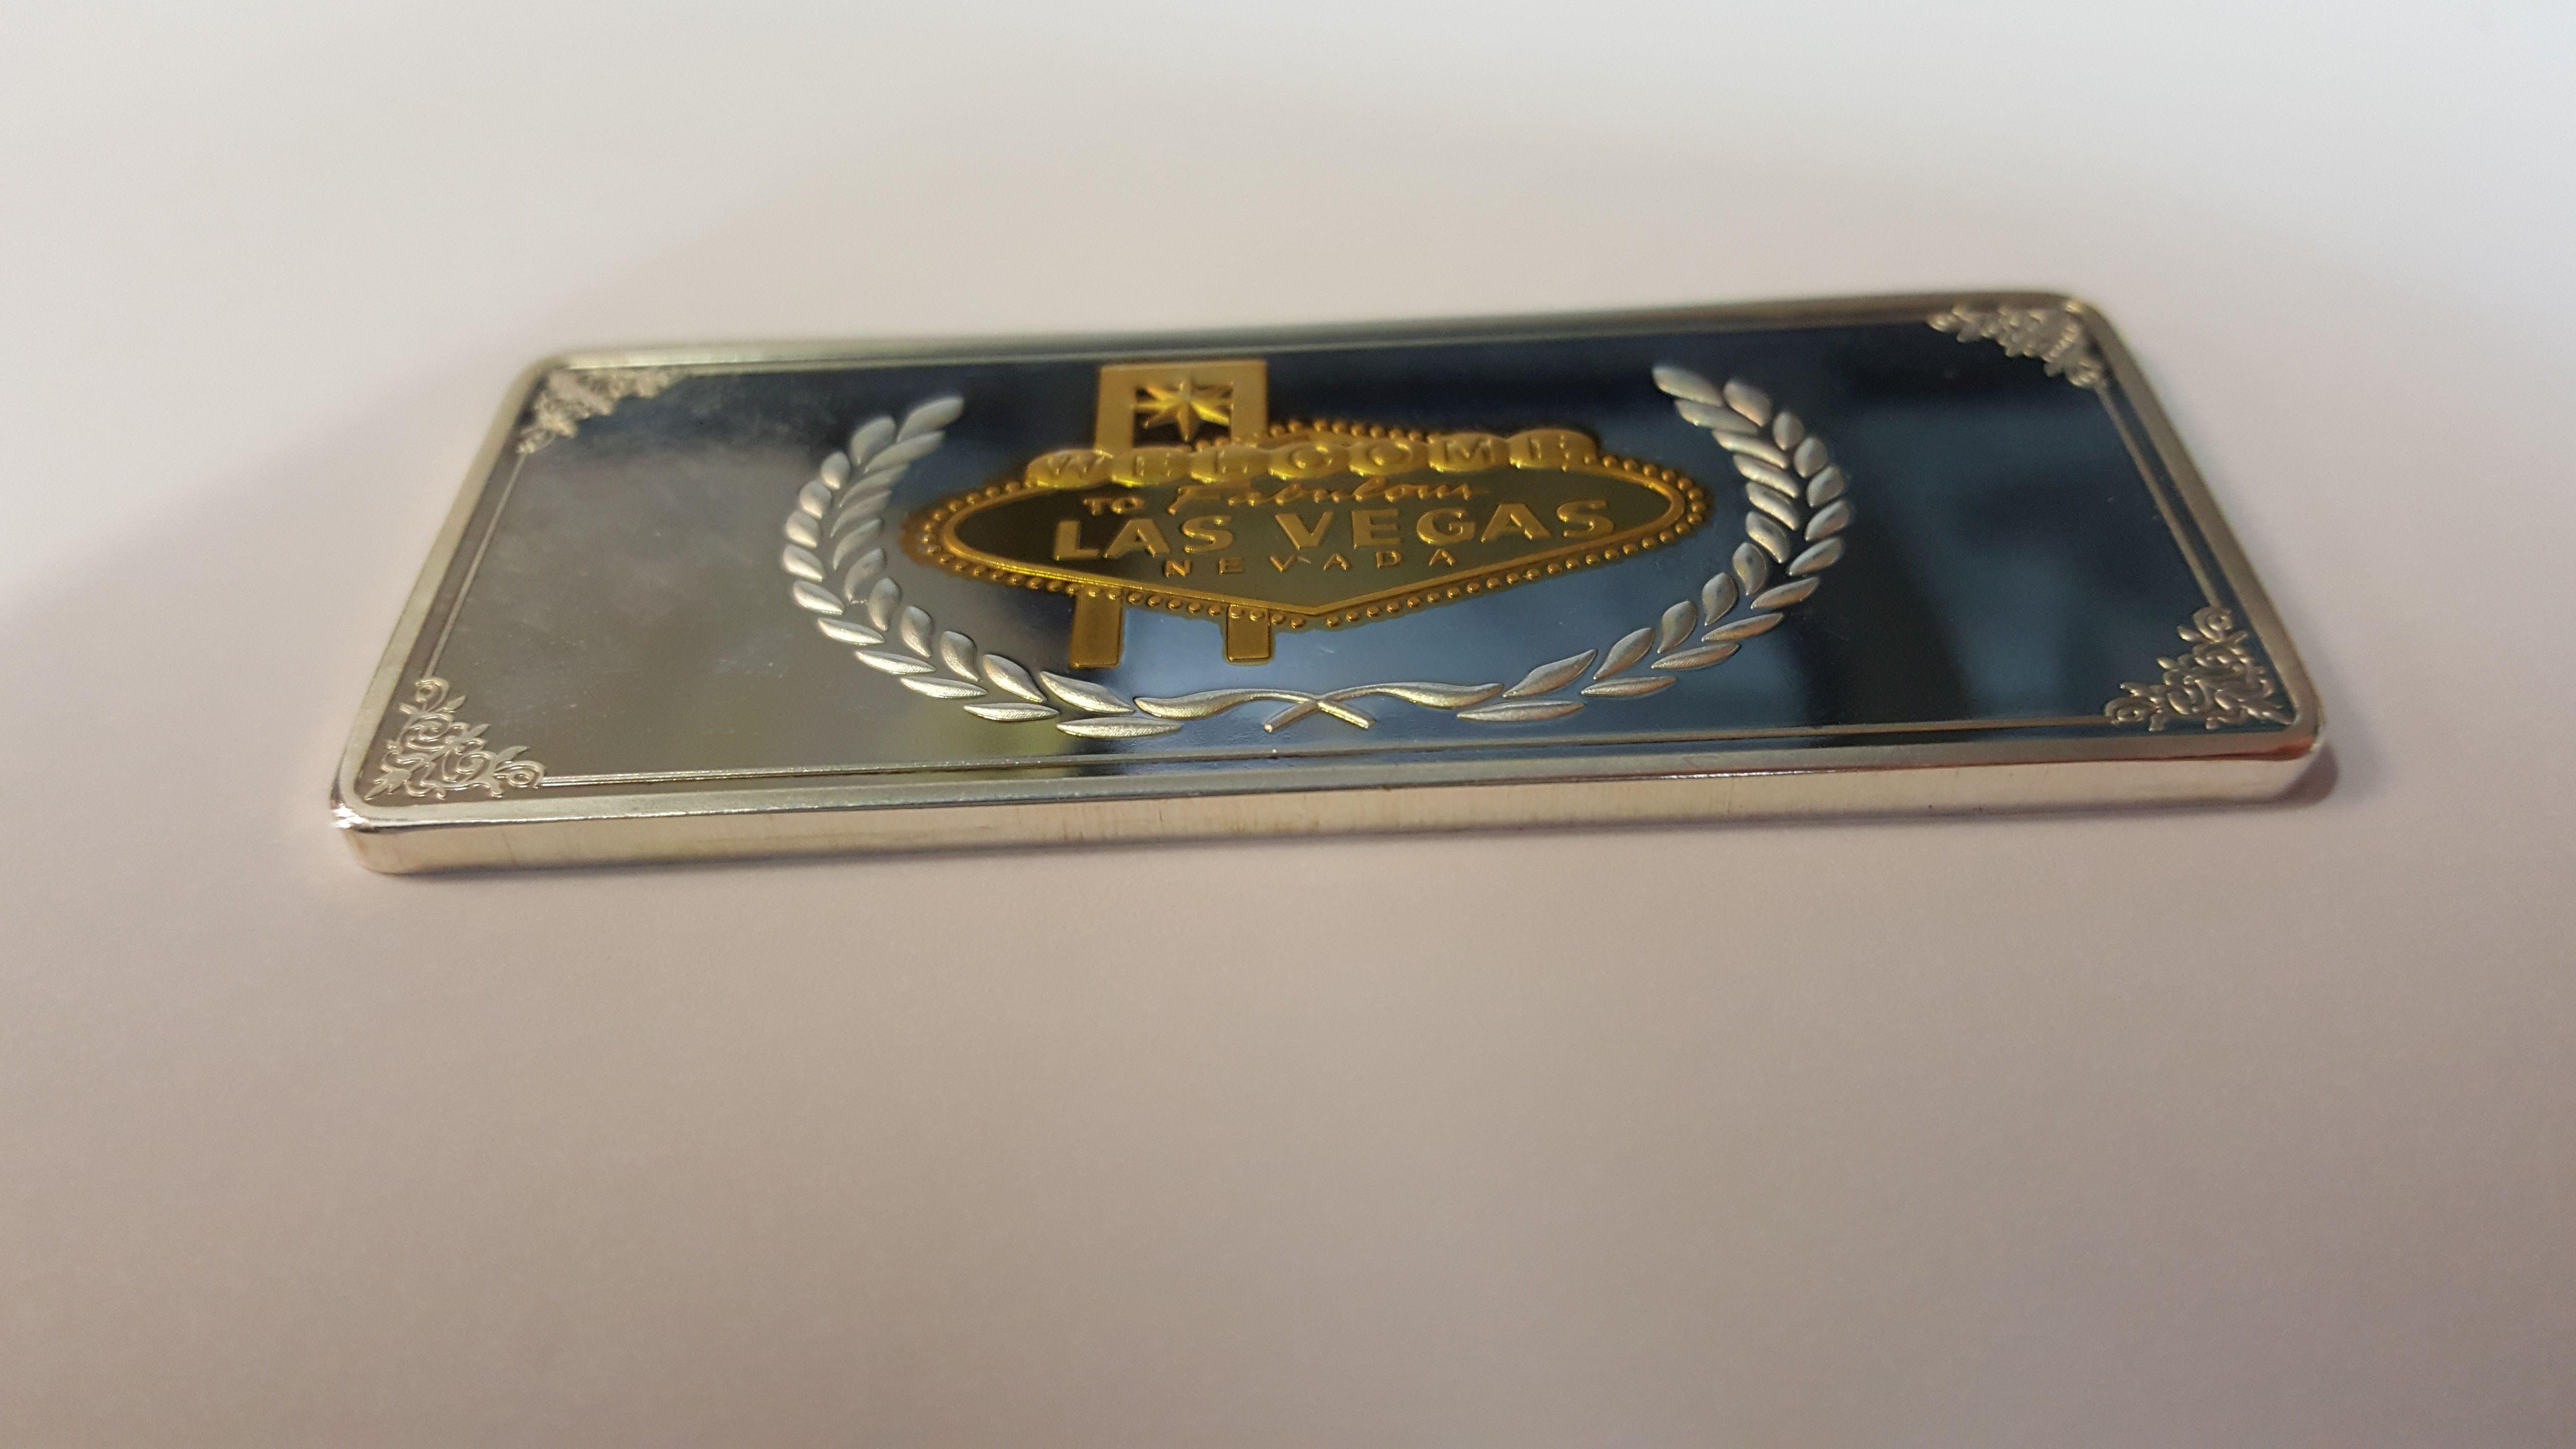 Card Guard Las Vegas rechteckig silber/gold